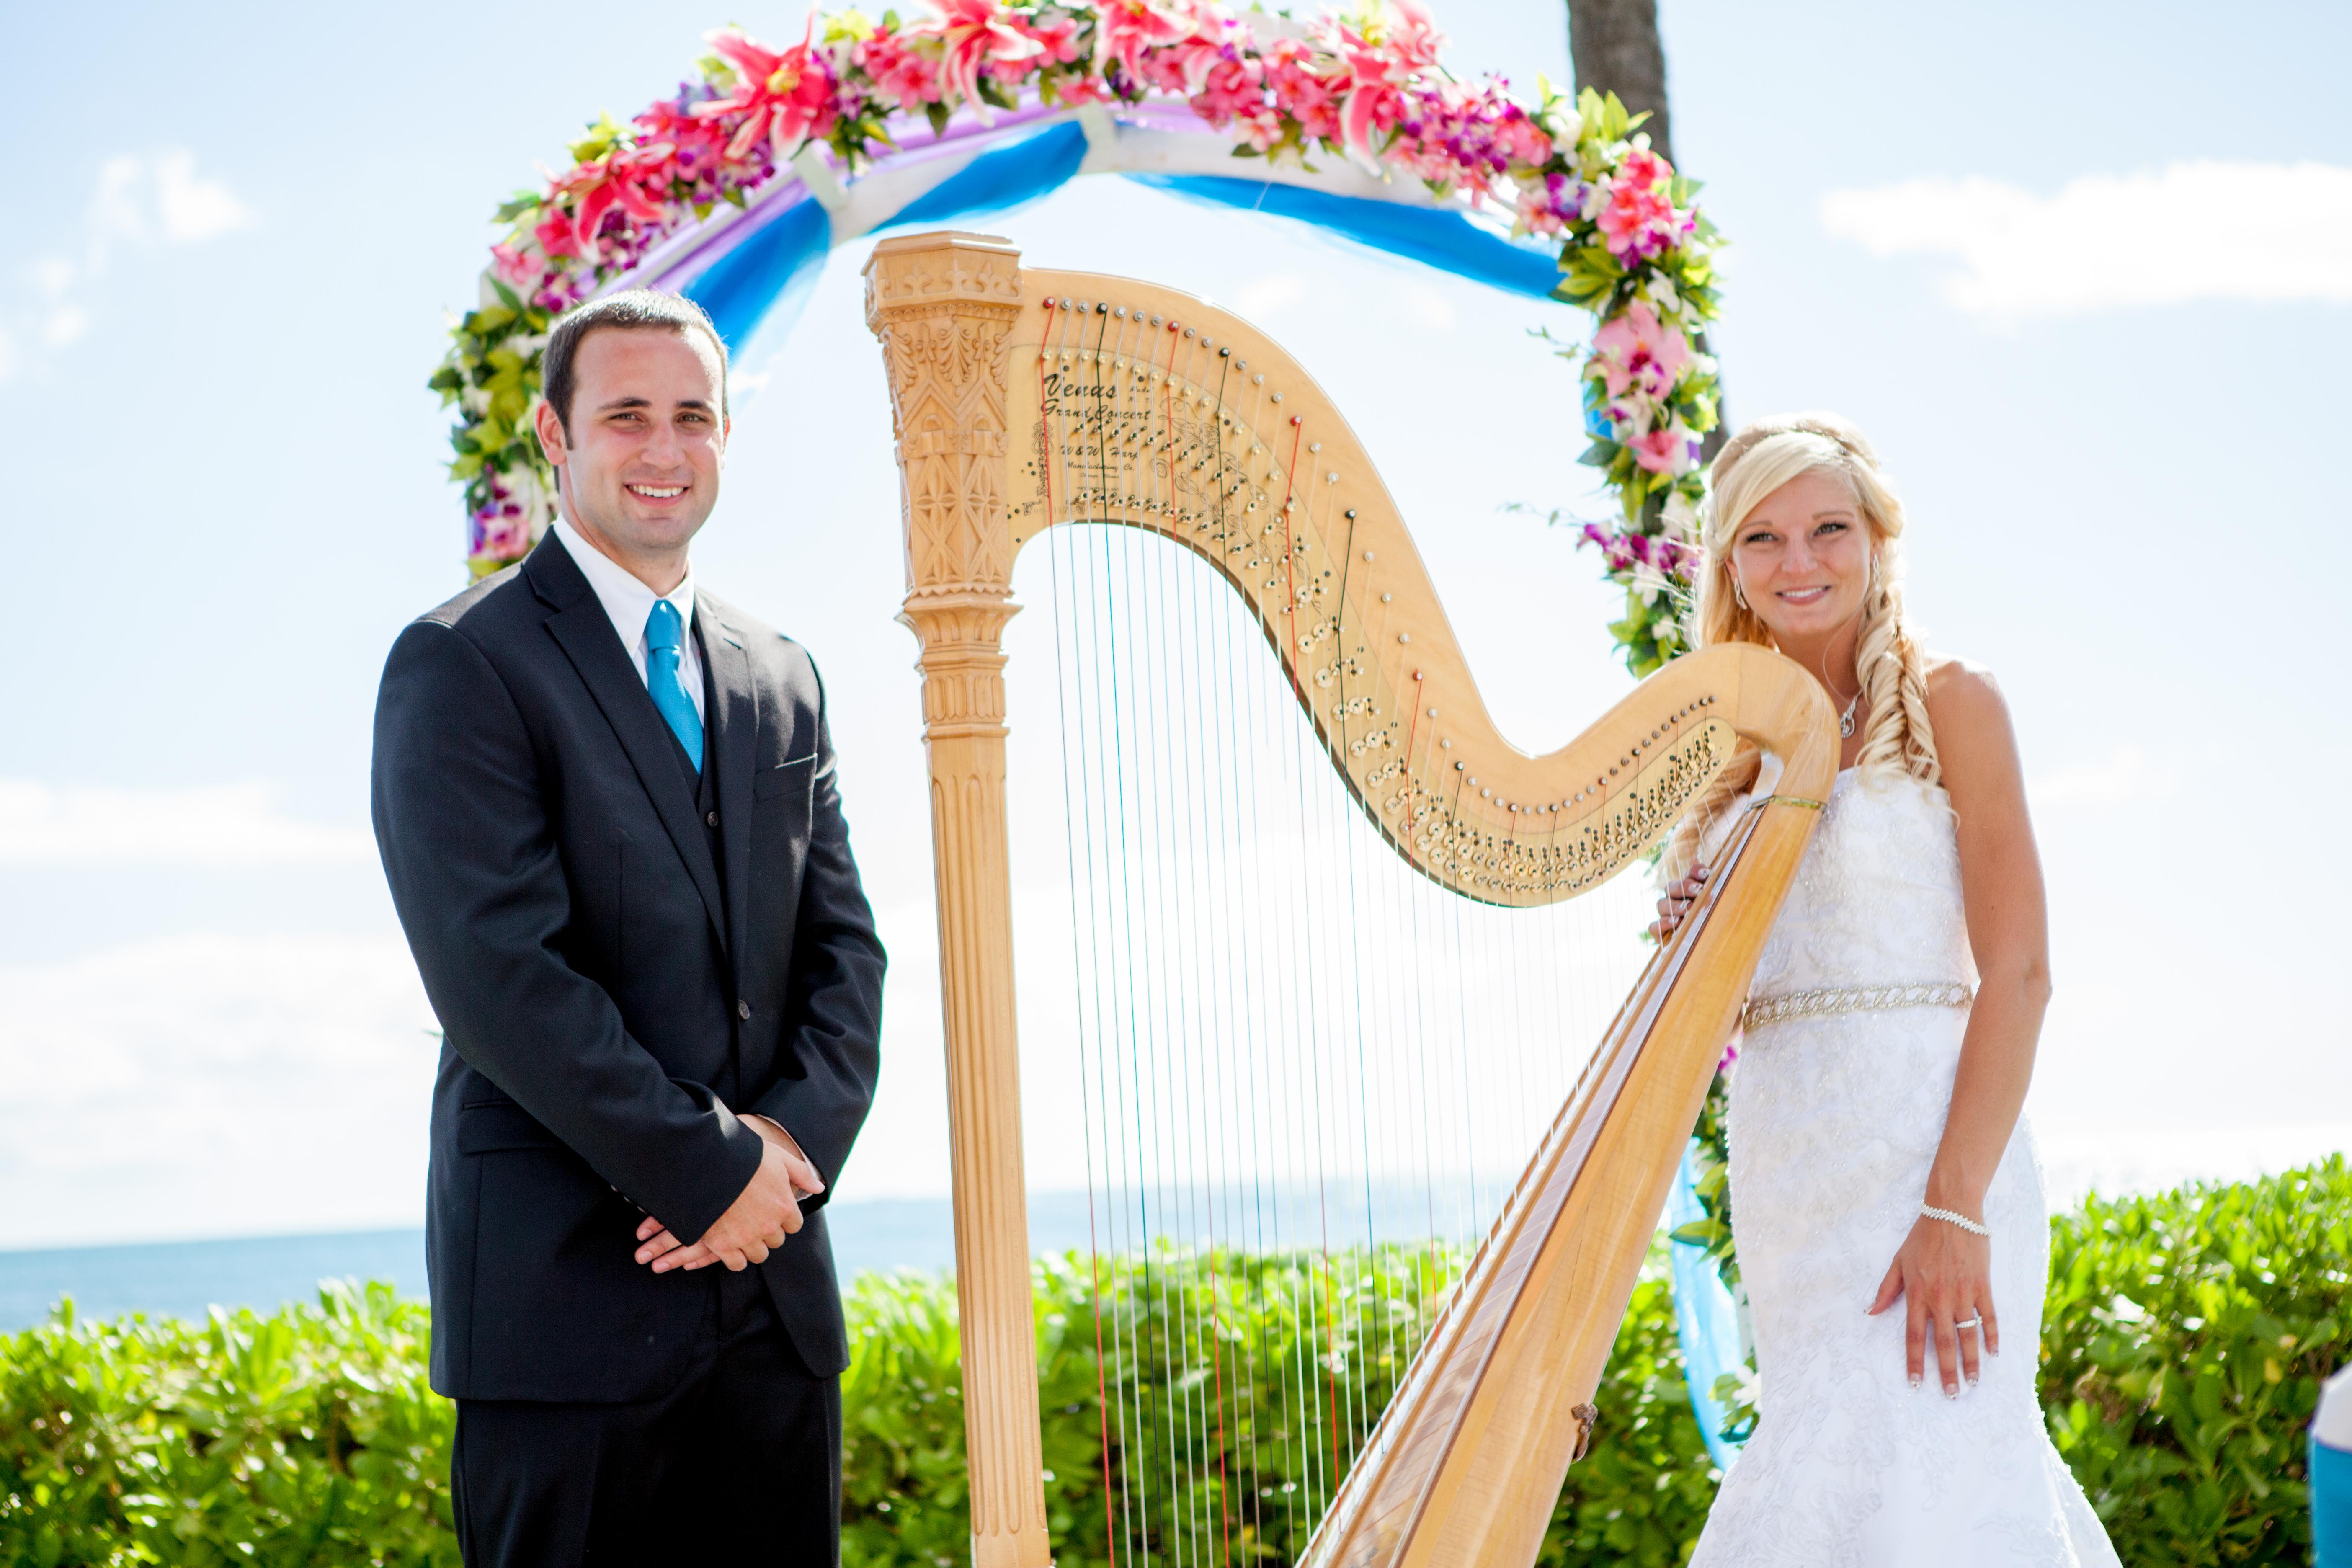 Disney wedding in Hawaii